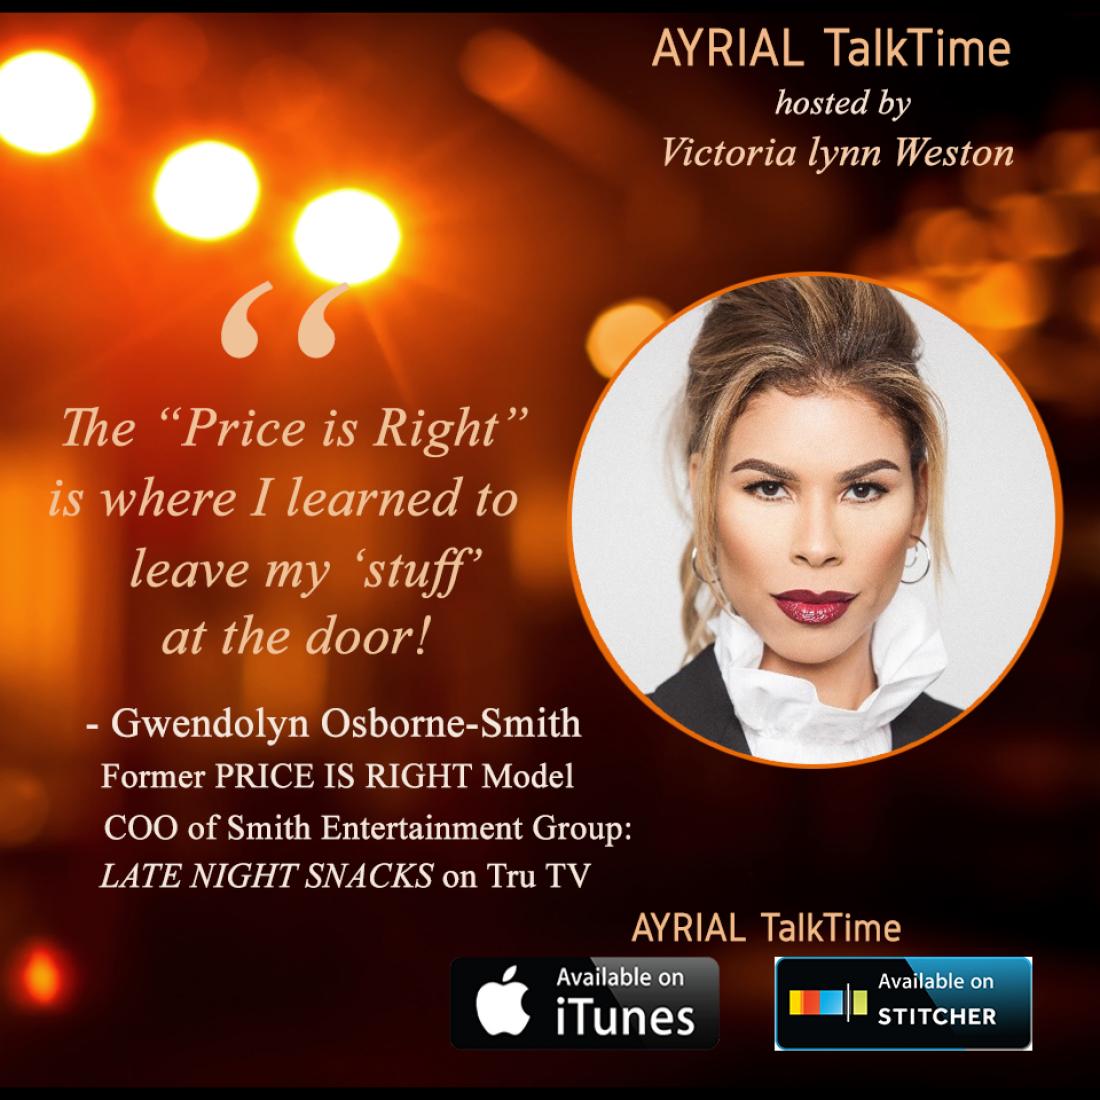 Gwendolyn Osborne-Smith, LATE NIGHT SNACKS TRU TV